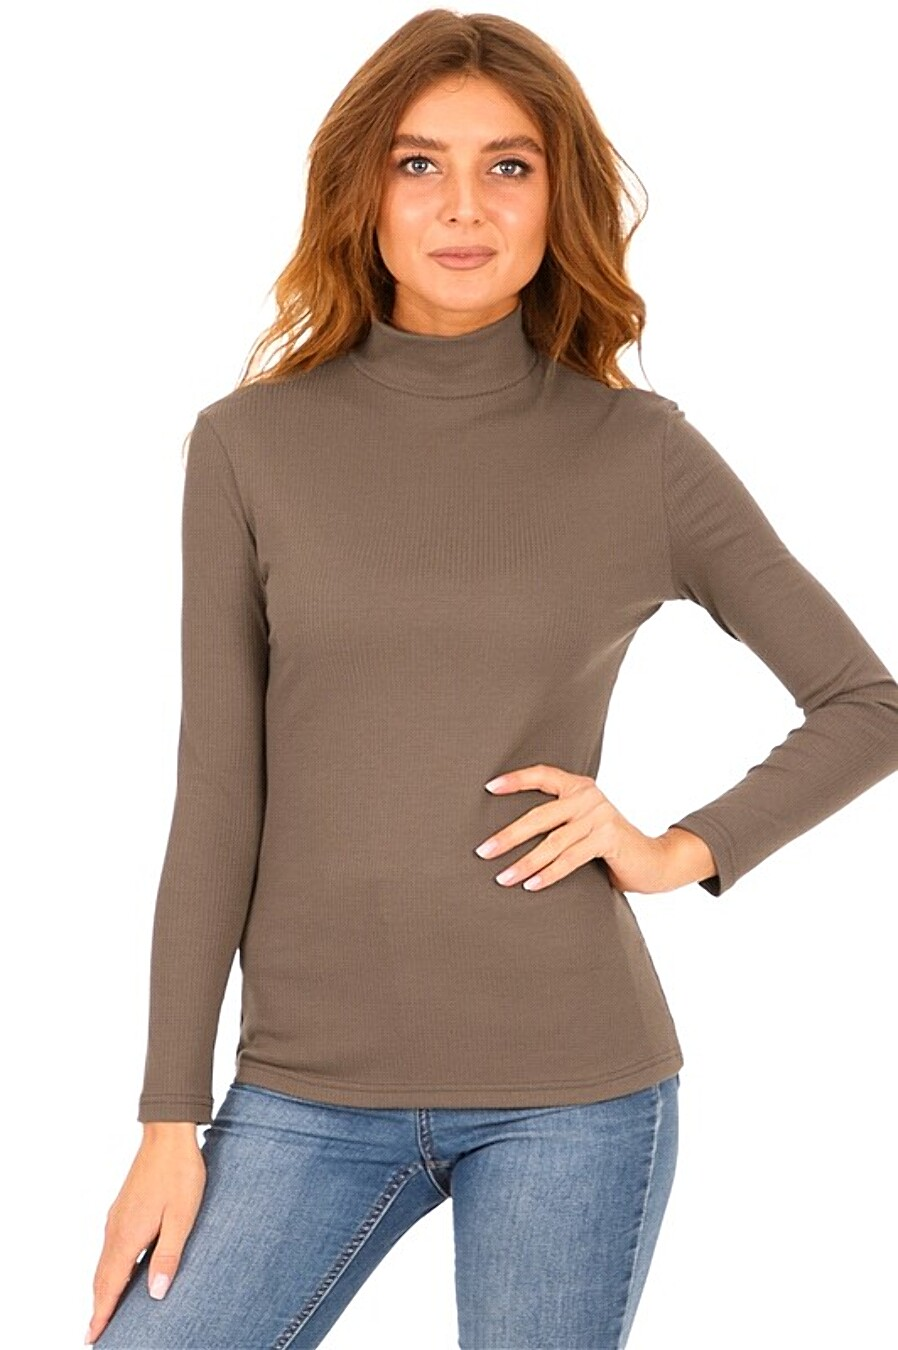 Водолазка для женщин Archi 158216 купить оптом от производителя. Совместная покупка женской одежды в OptMoyo